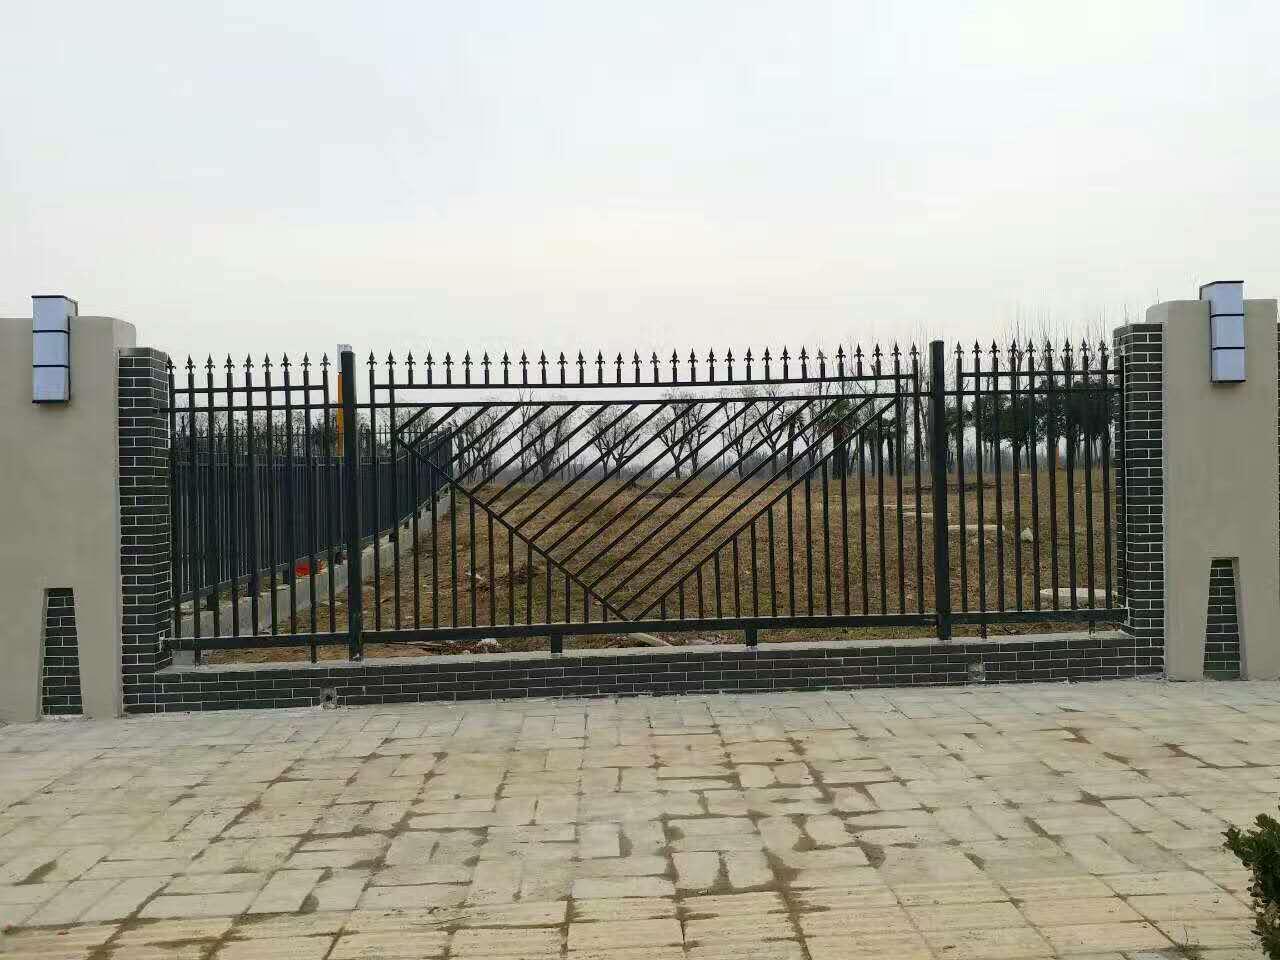 铁艺护栏是一座座房子,一排排别墅的防护围墙.